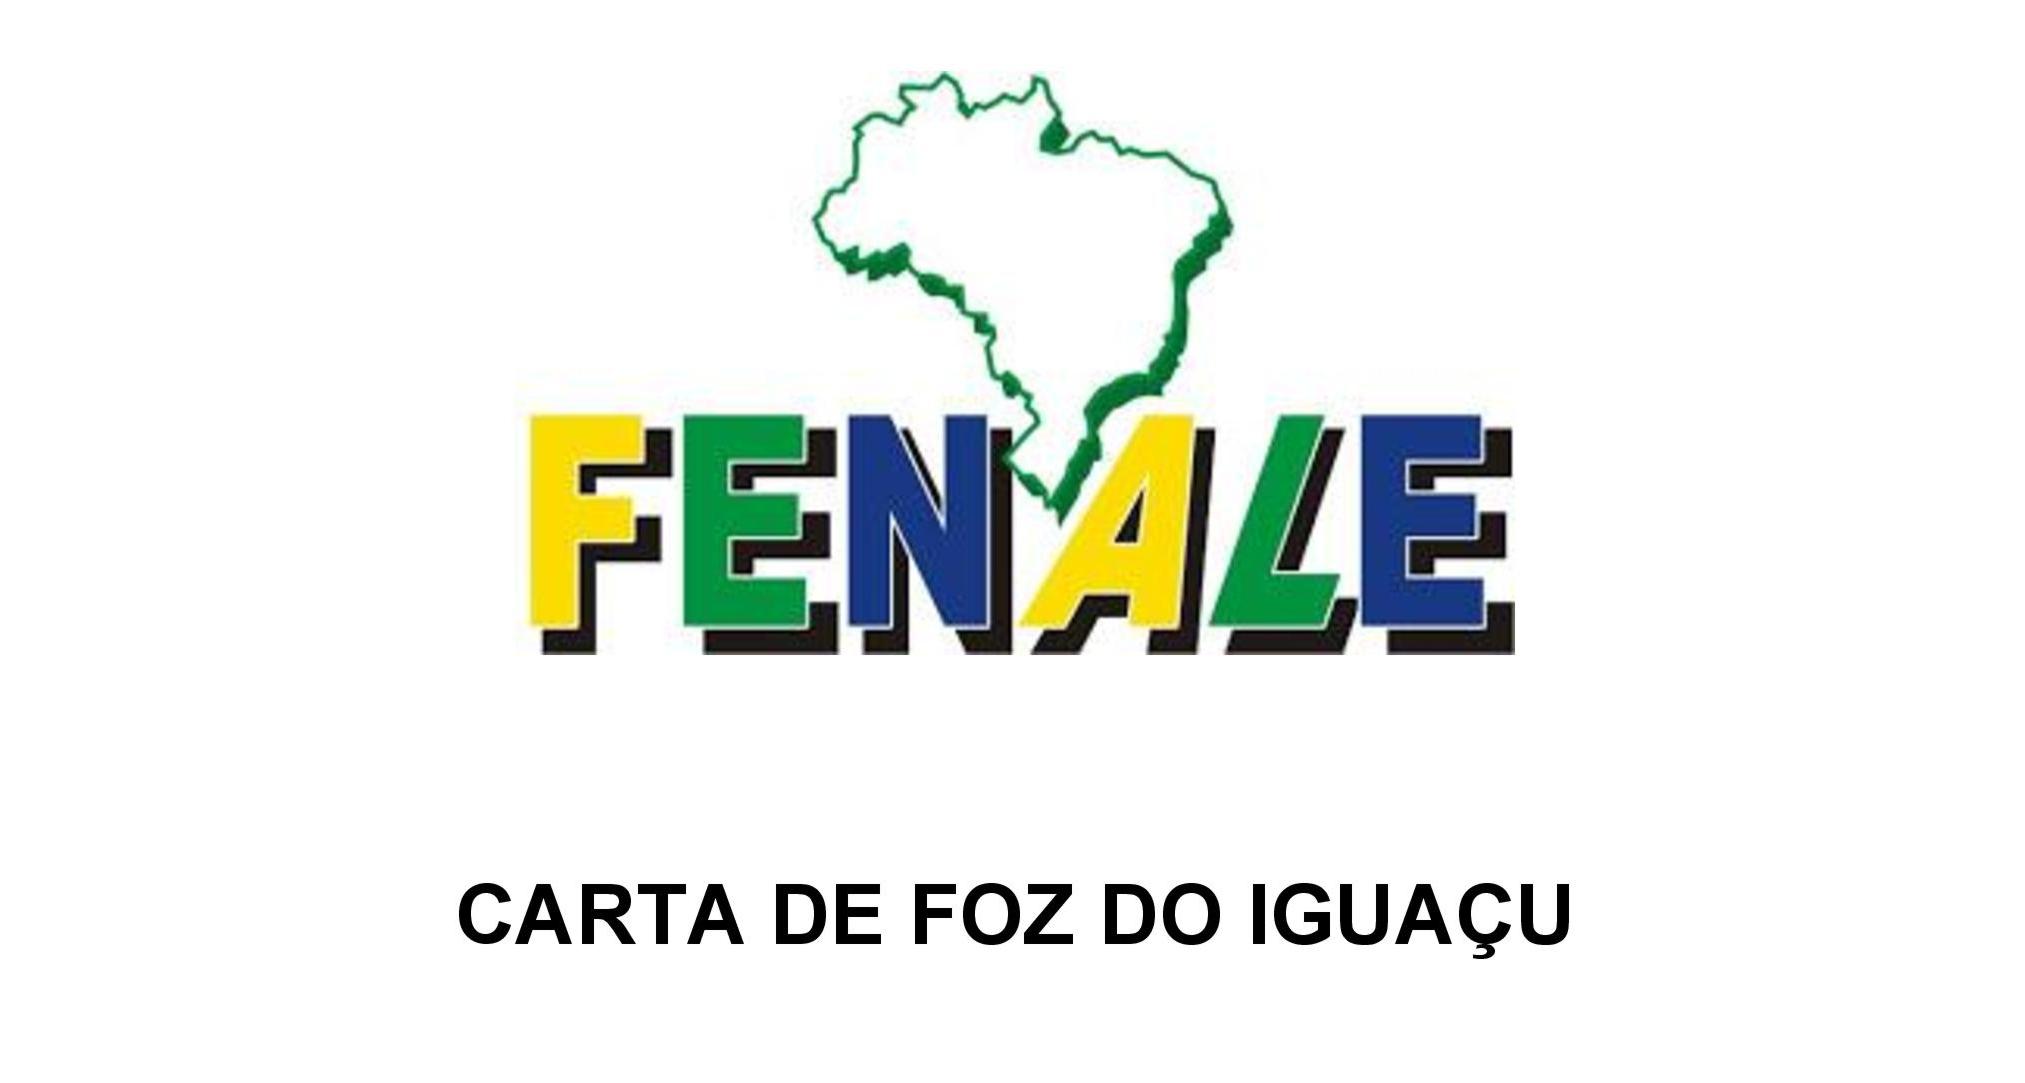 CARTA DE FOZ DO IGUAÇU 06-06-2017